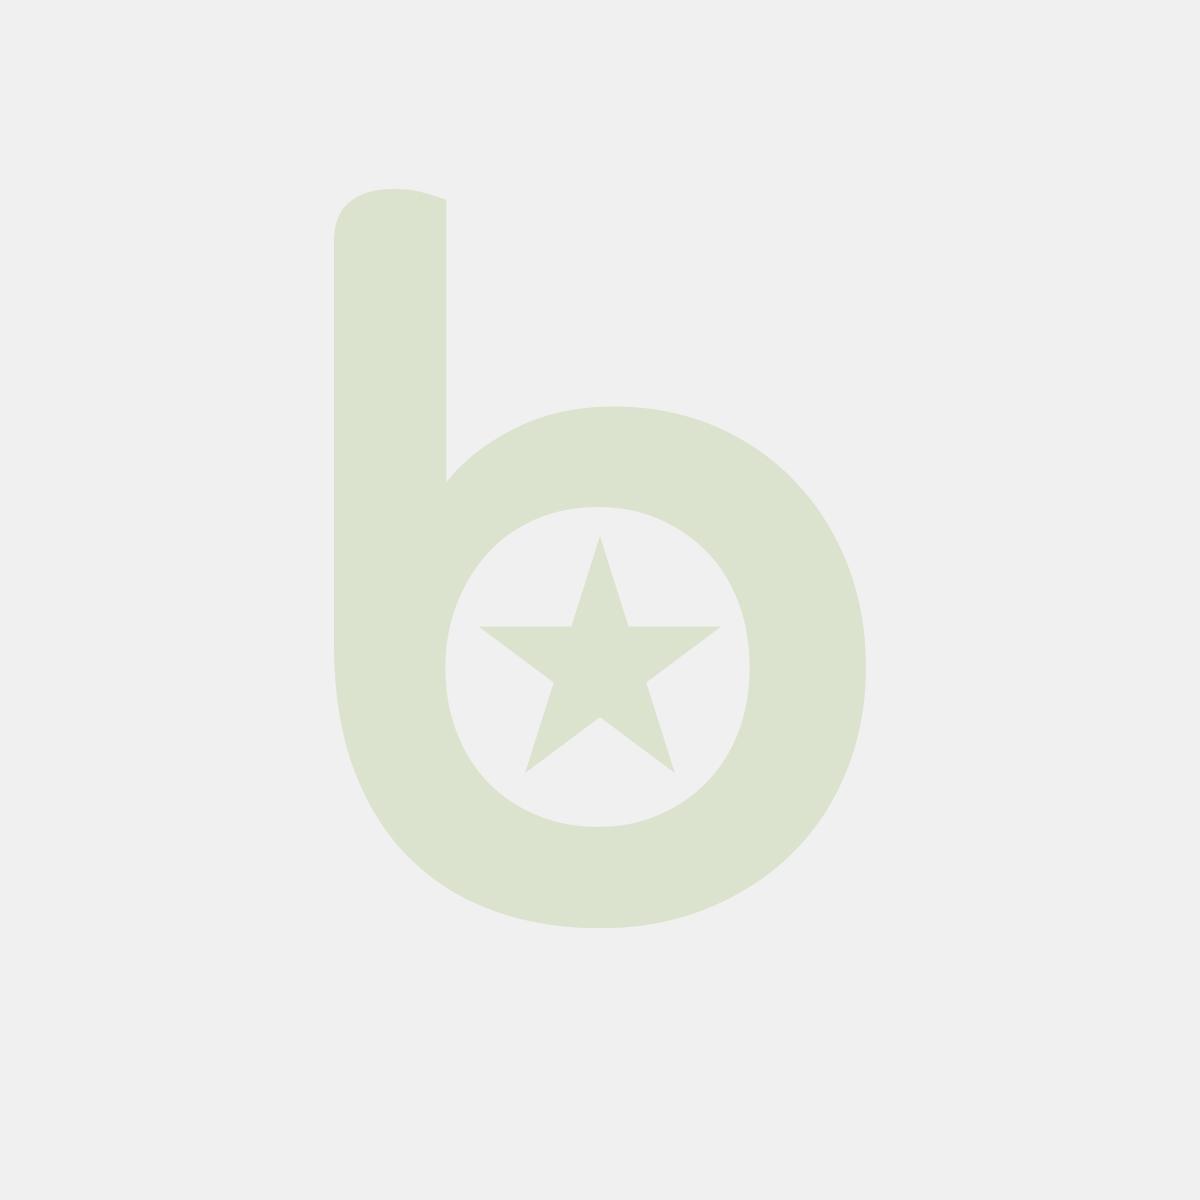 BePulp talerz kwadrat 23x23x3cm naturalna trzcina cukrowa op. 75 sztuk